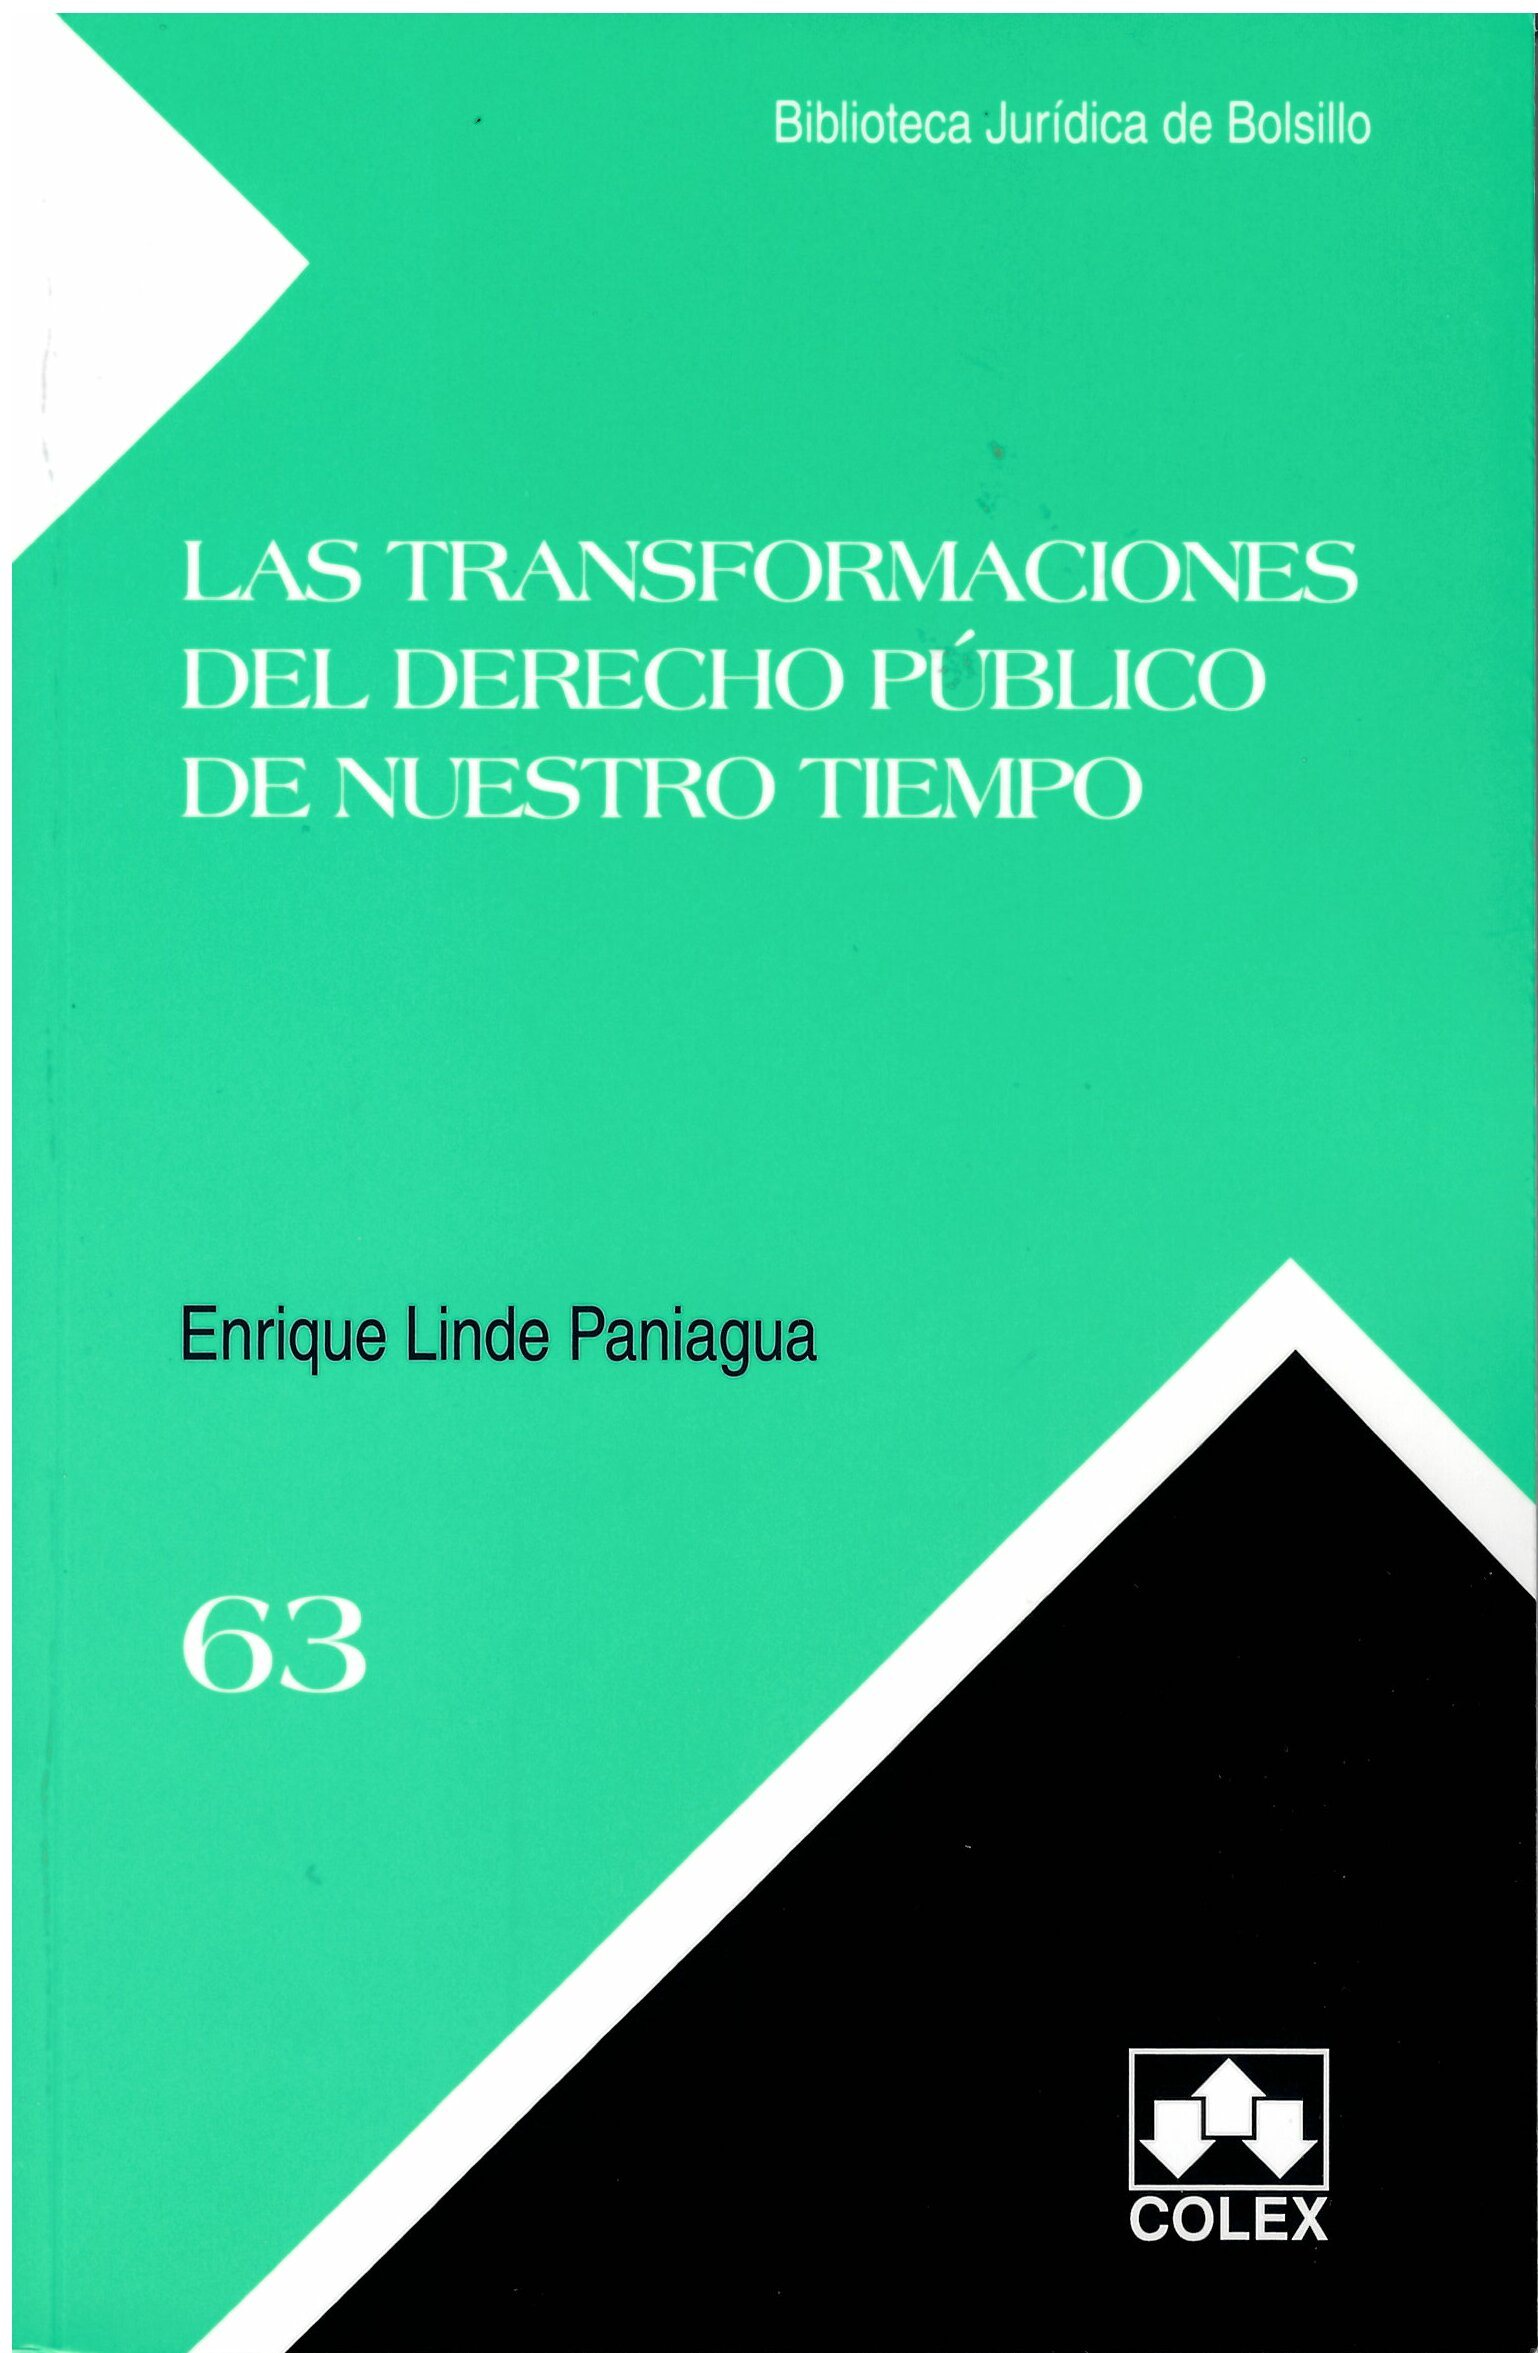 LAS TRANSFORMACIONES DEL DERECHO PÚBLICO DE NUESTRO TIEMPO